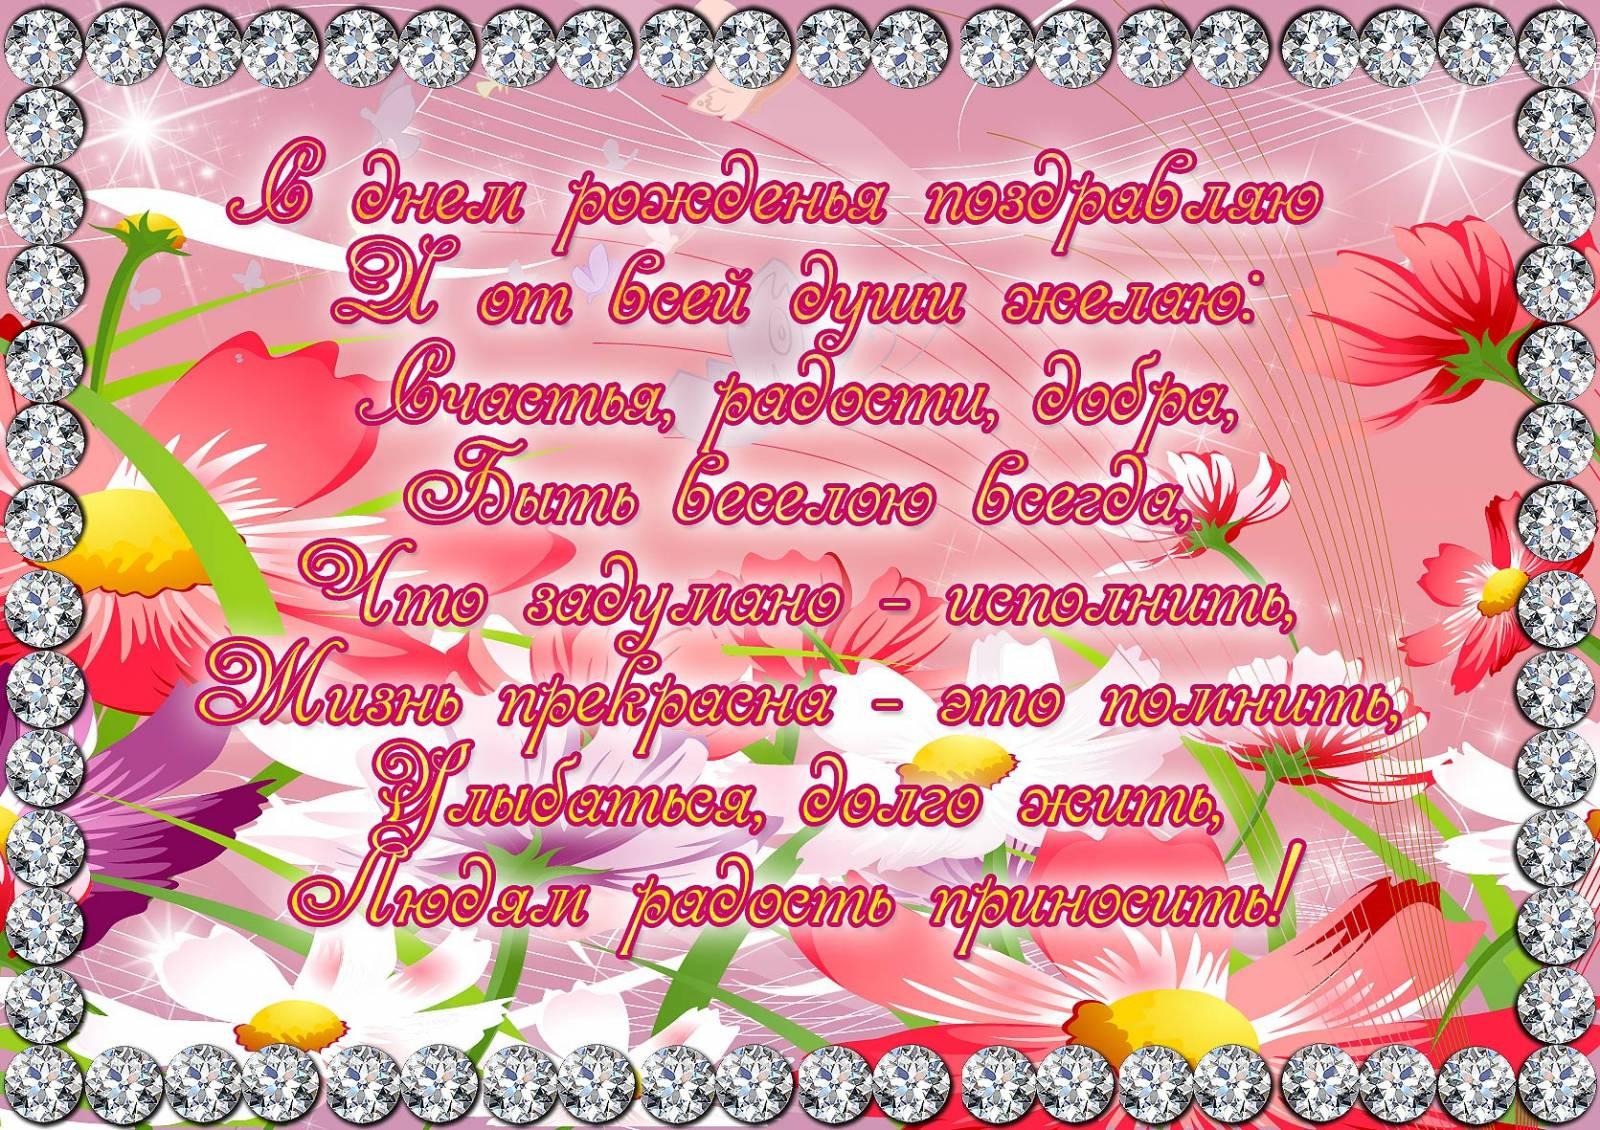 Поздравляем с Днем рождения Наталью Алексеевну Лапочук! D5dc46c756eb52b37fa65e9ae5370c7f054ff1153453312